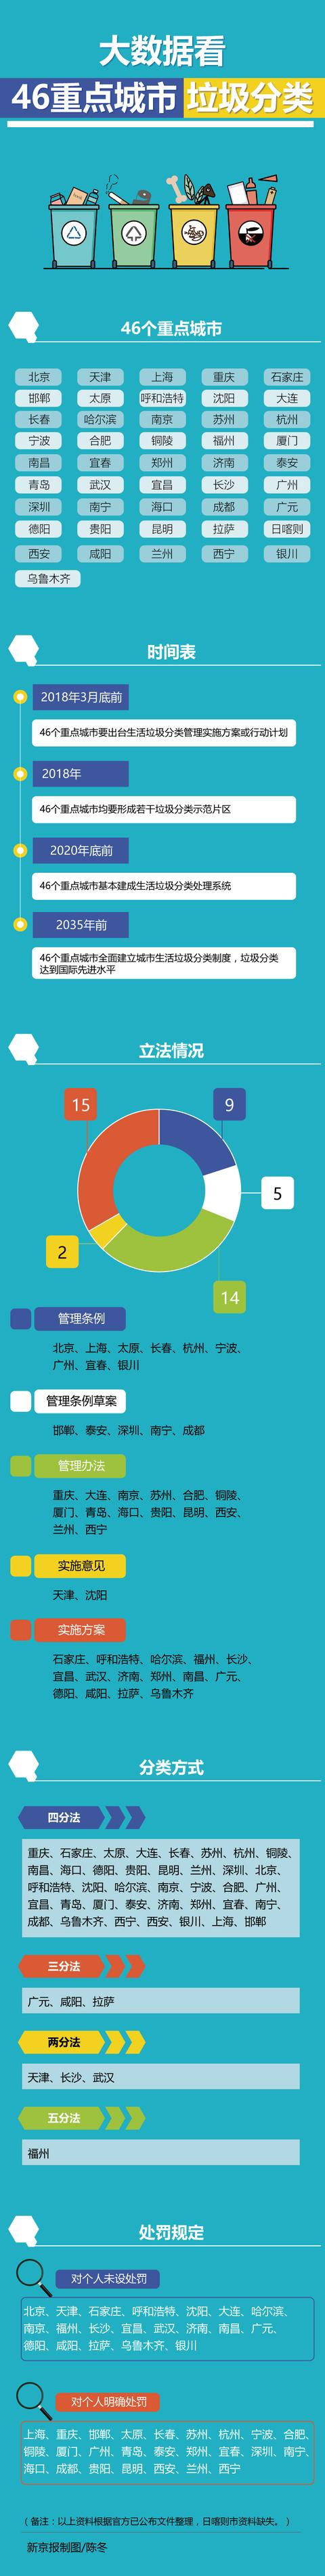 做好垃圾分类:除了上海,其他城市准备好了吗?